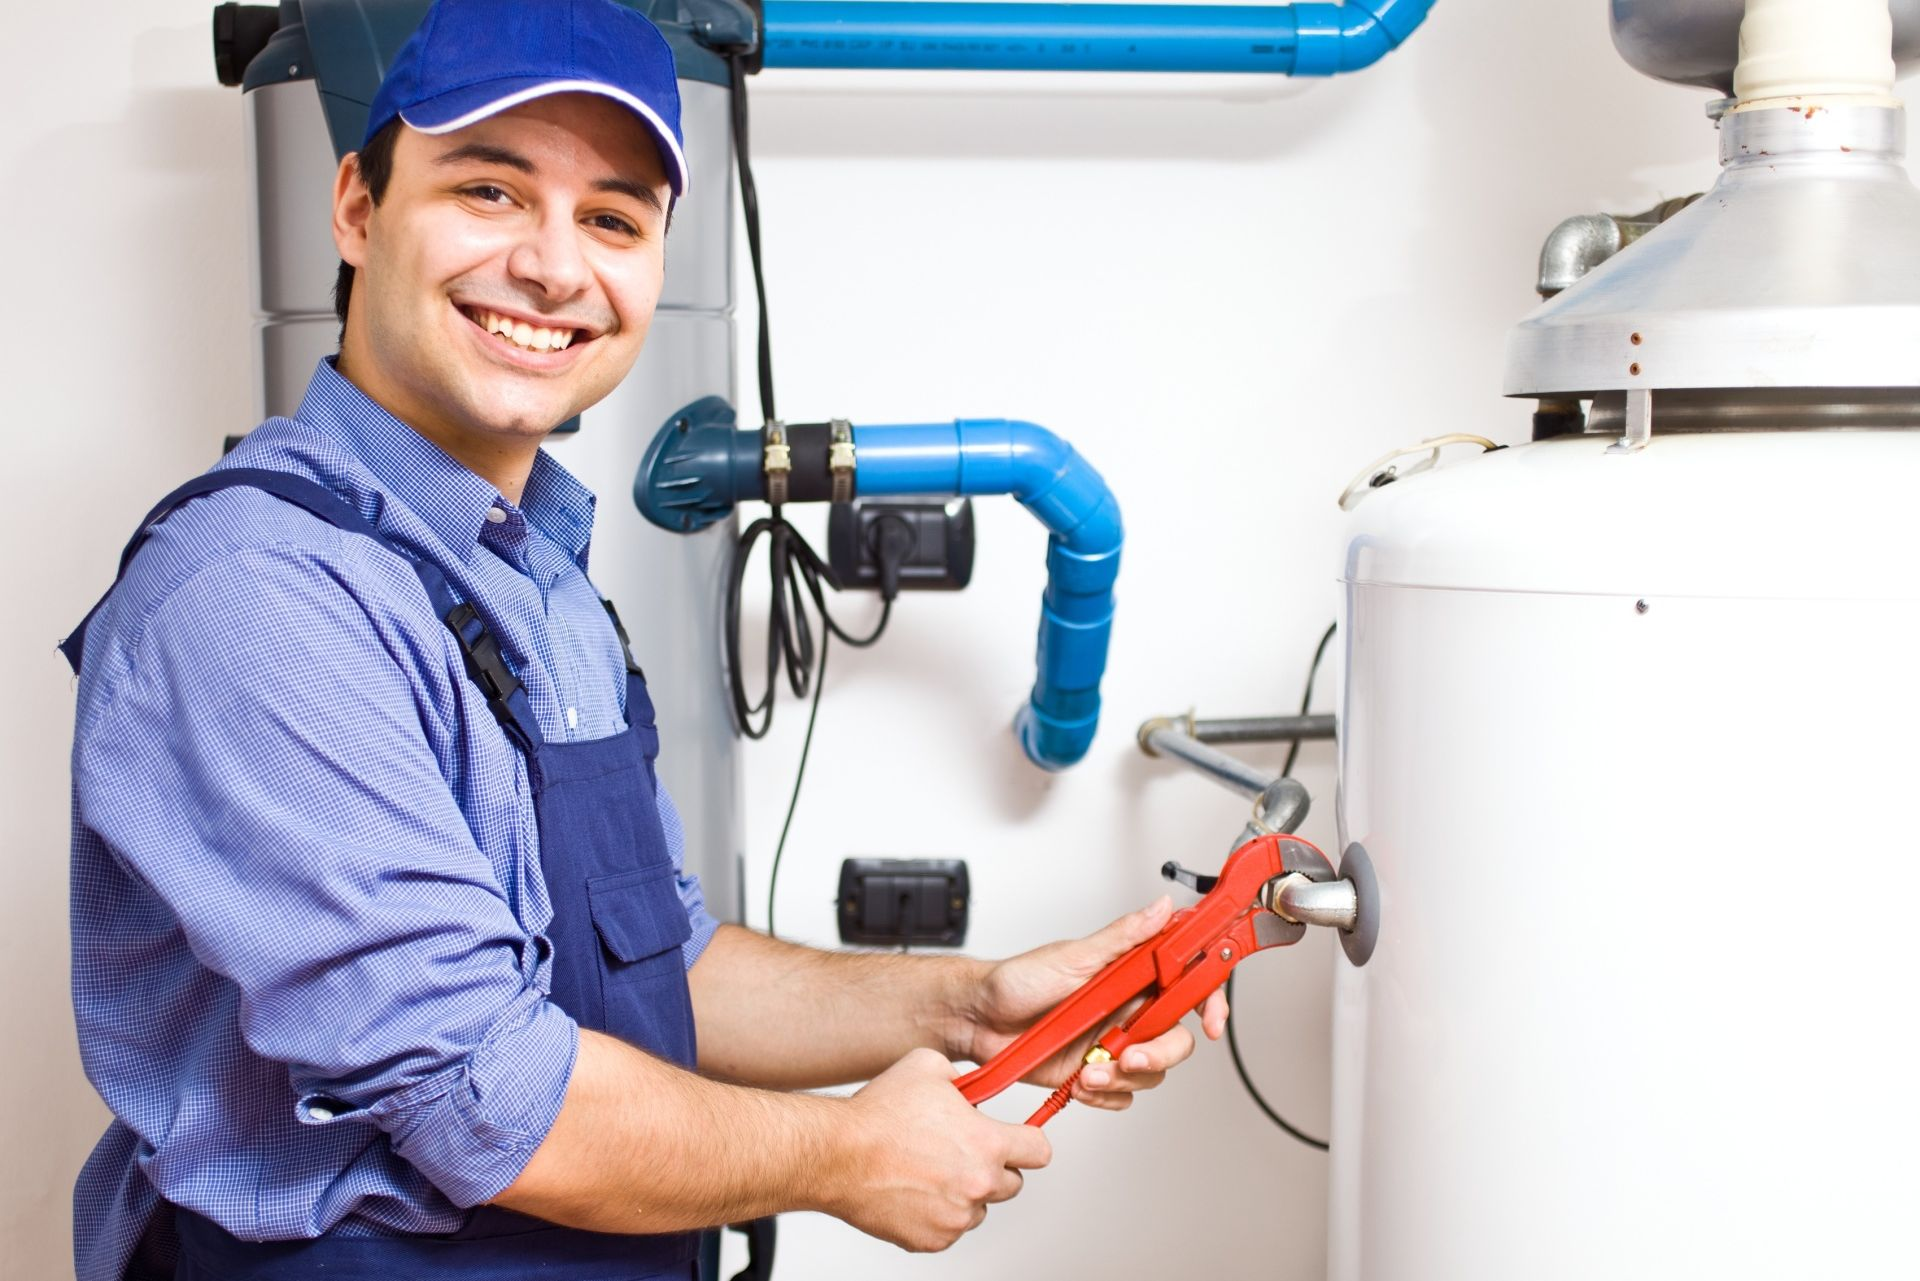 Очистка системы отопления в загородном коттедже